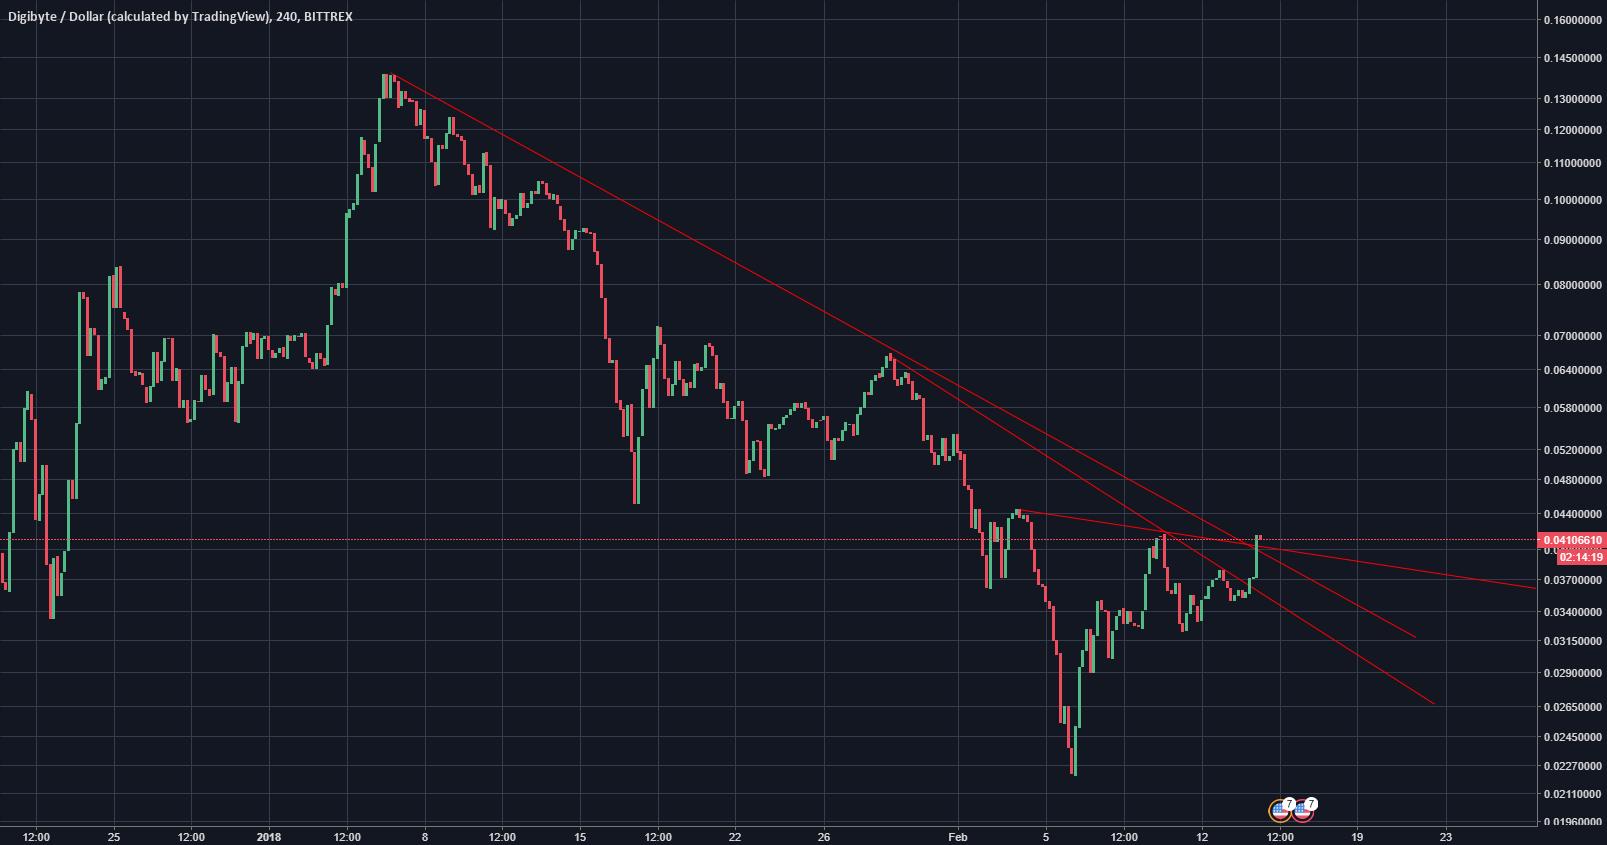 DGB Short Term Down Trend is Broken